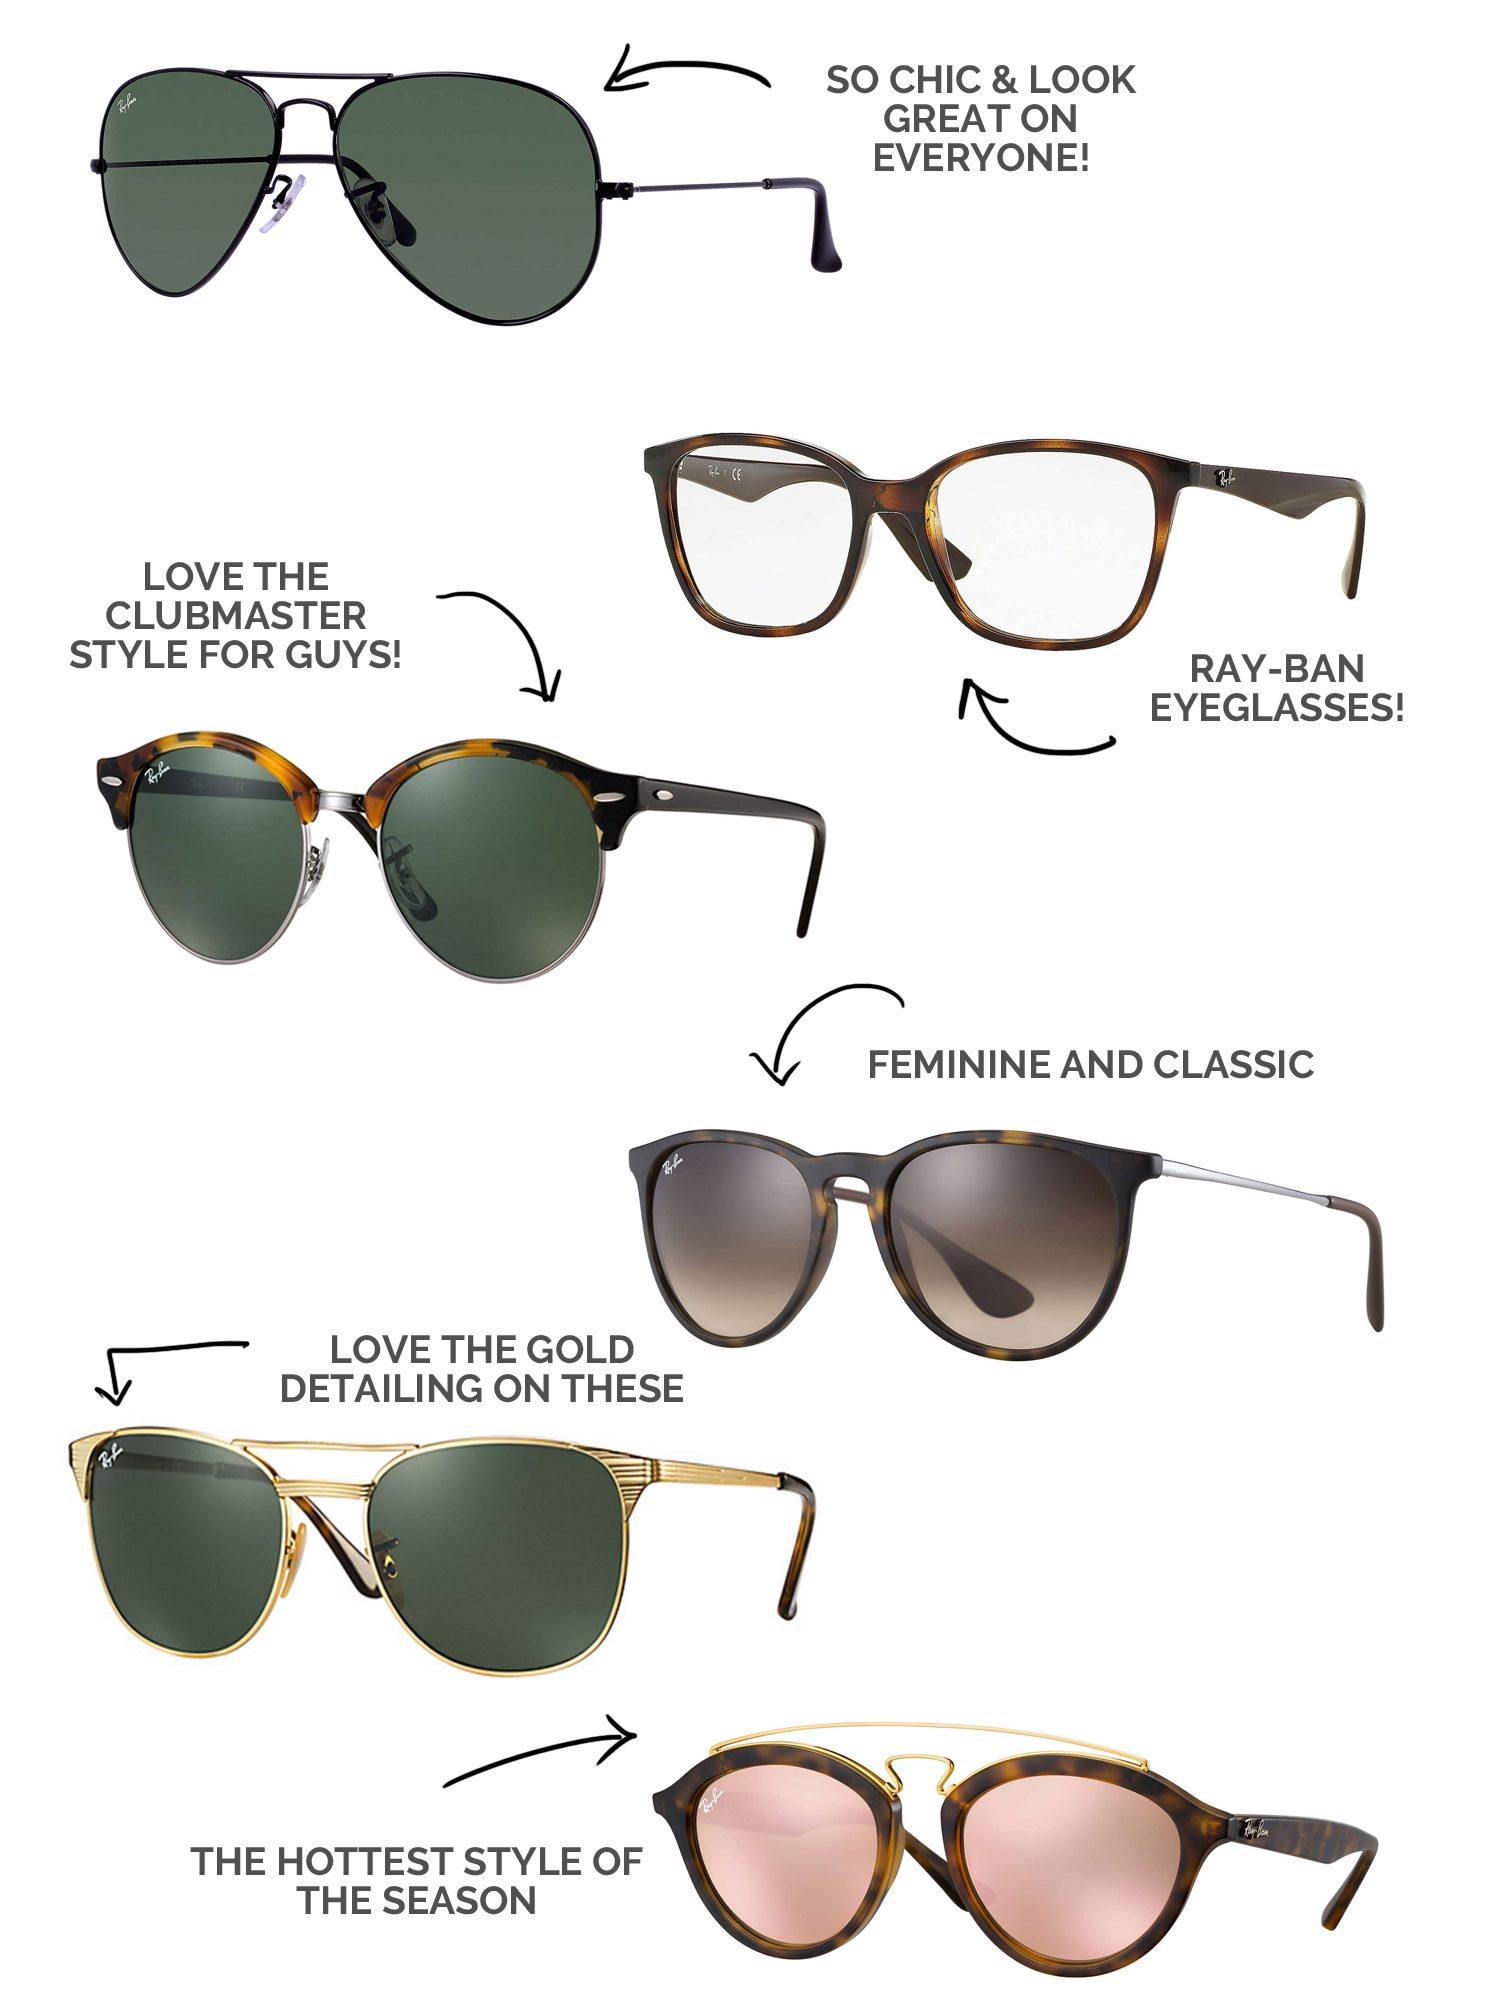 ray-ban-glasses-black-friday-sales